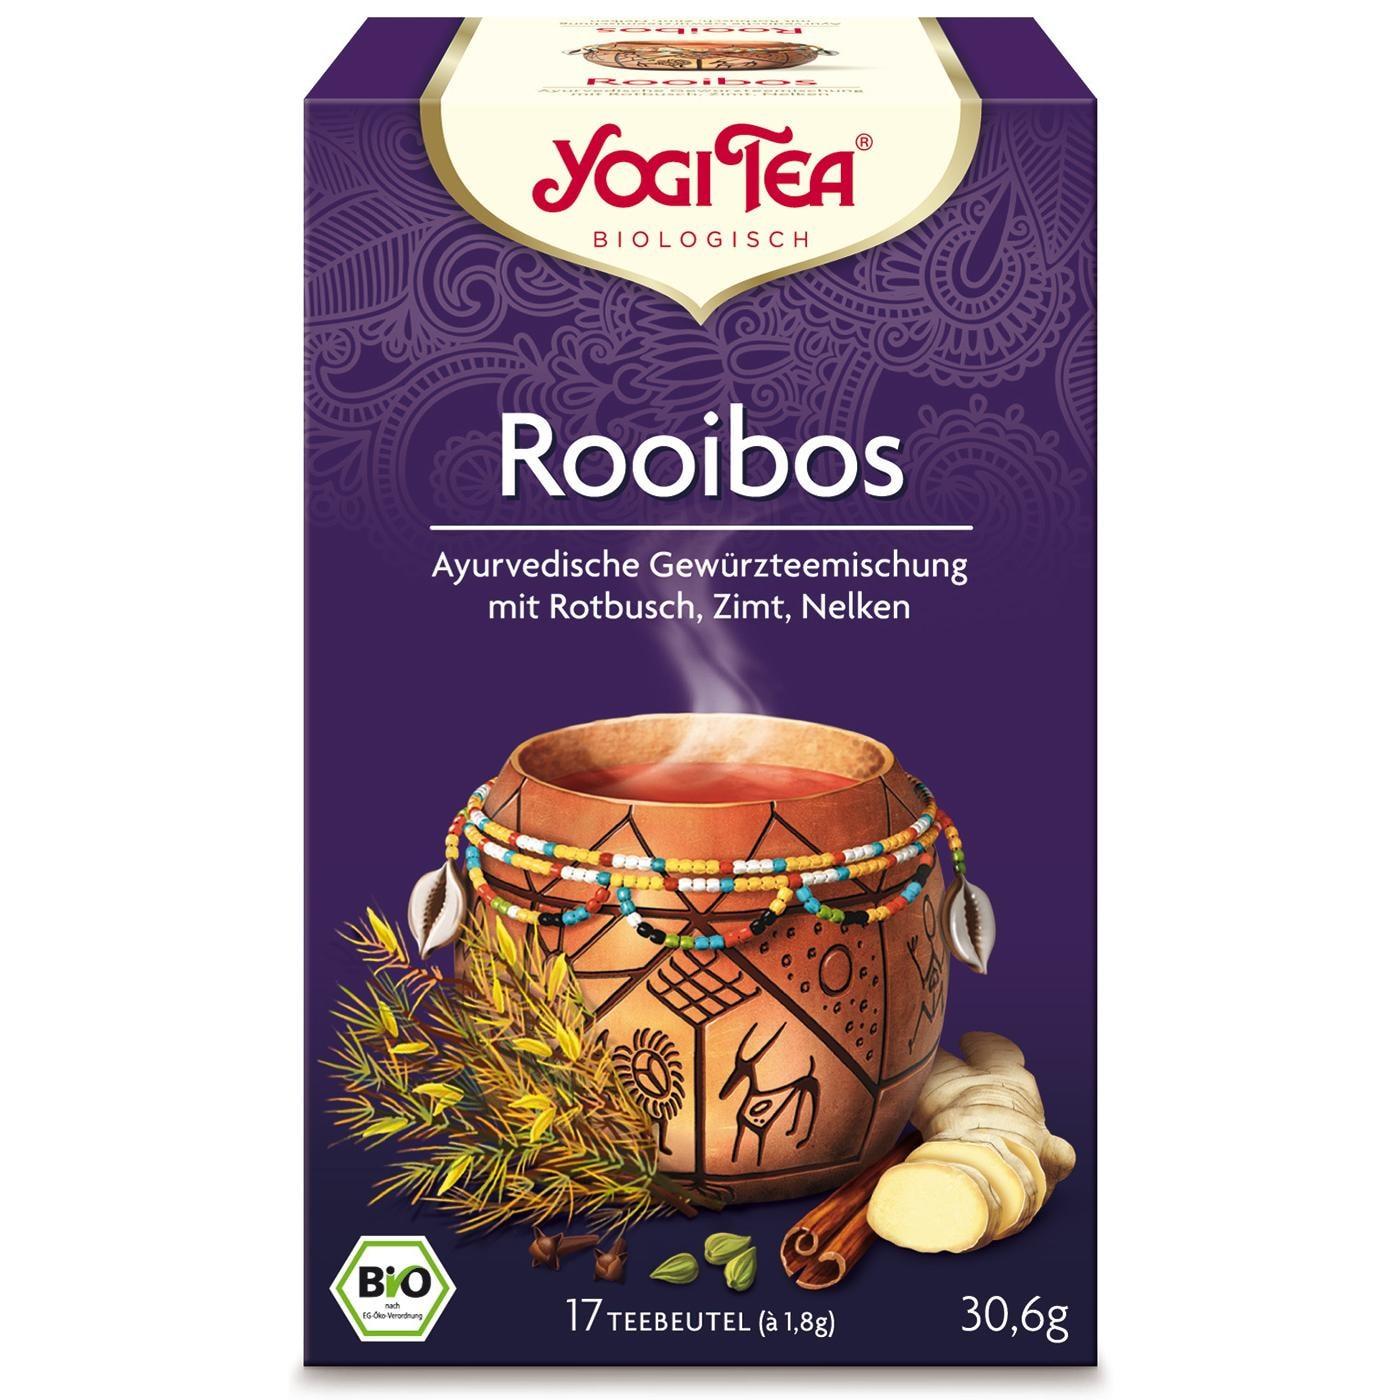 Yogi Tea Bio Rooibos Teemischung 30,6g